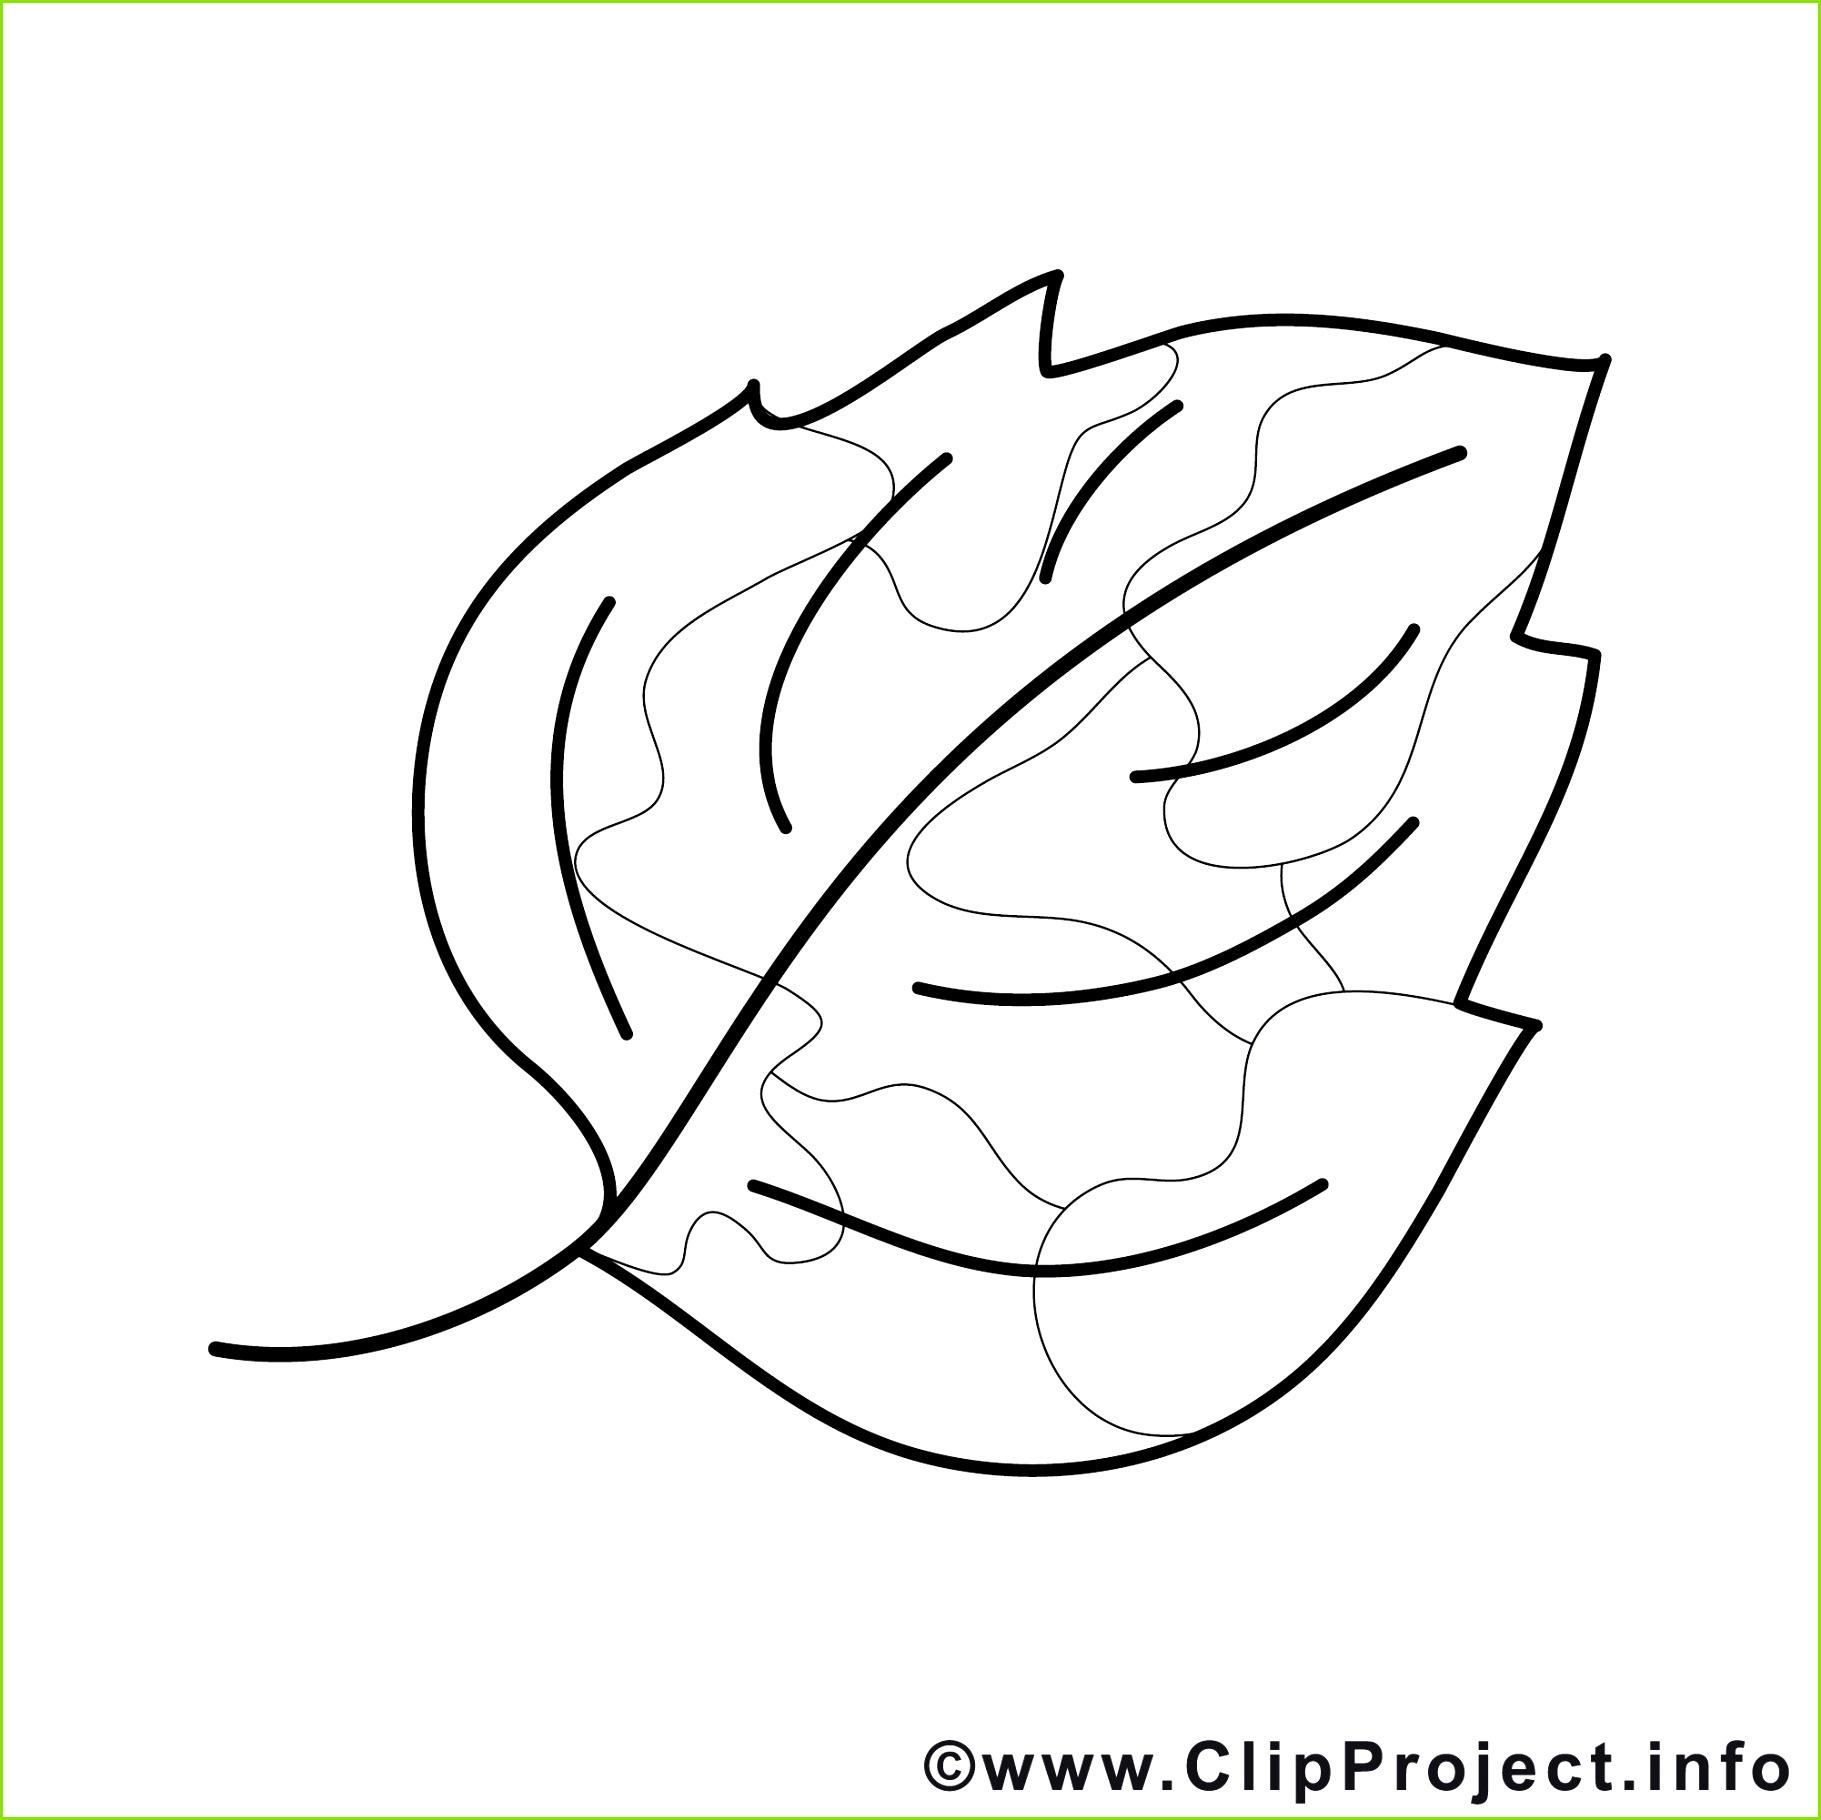 ausmalbilder gratis fr kinder window color vorlagen zum ausdrucken of malvorlage palme kostenlos